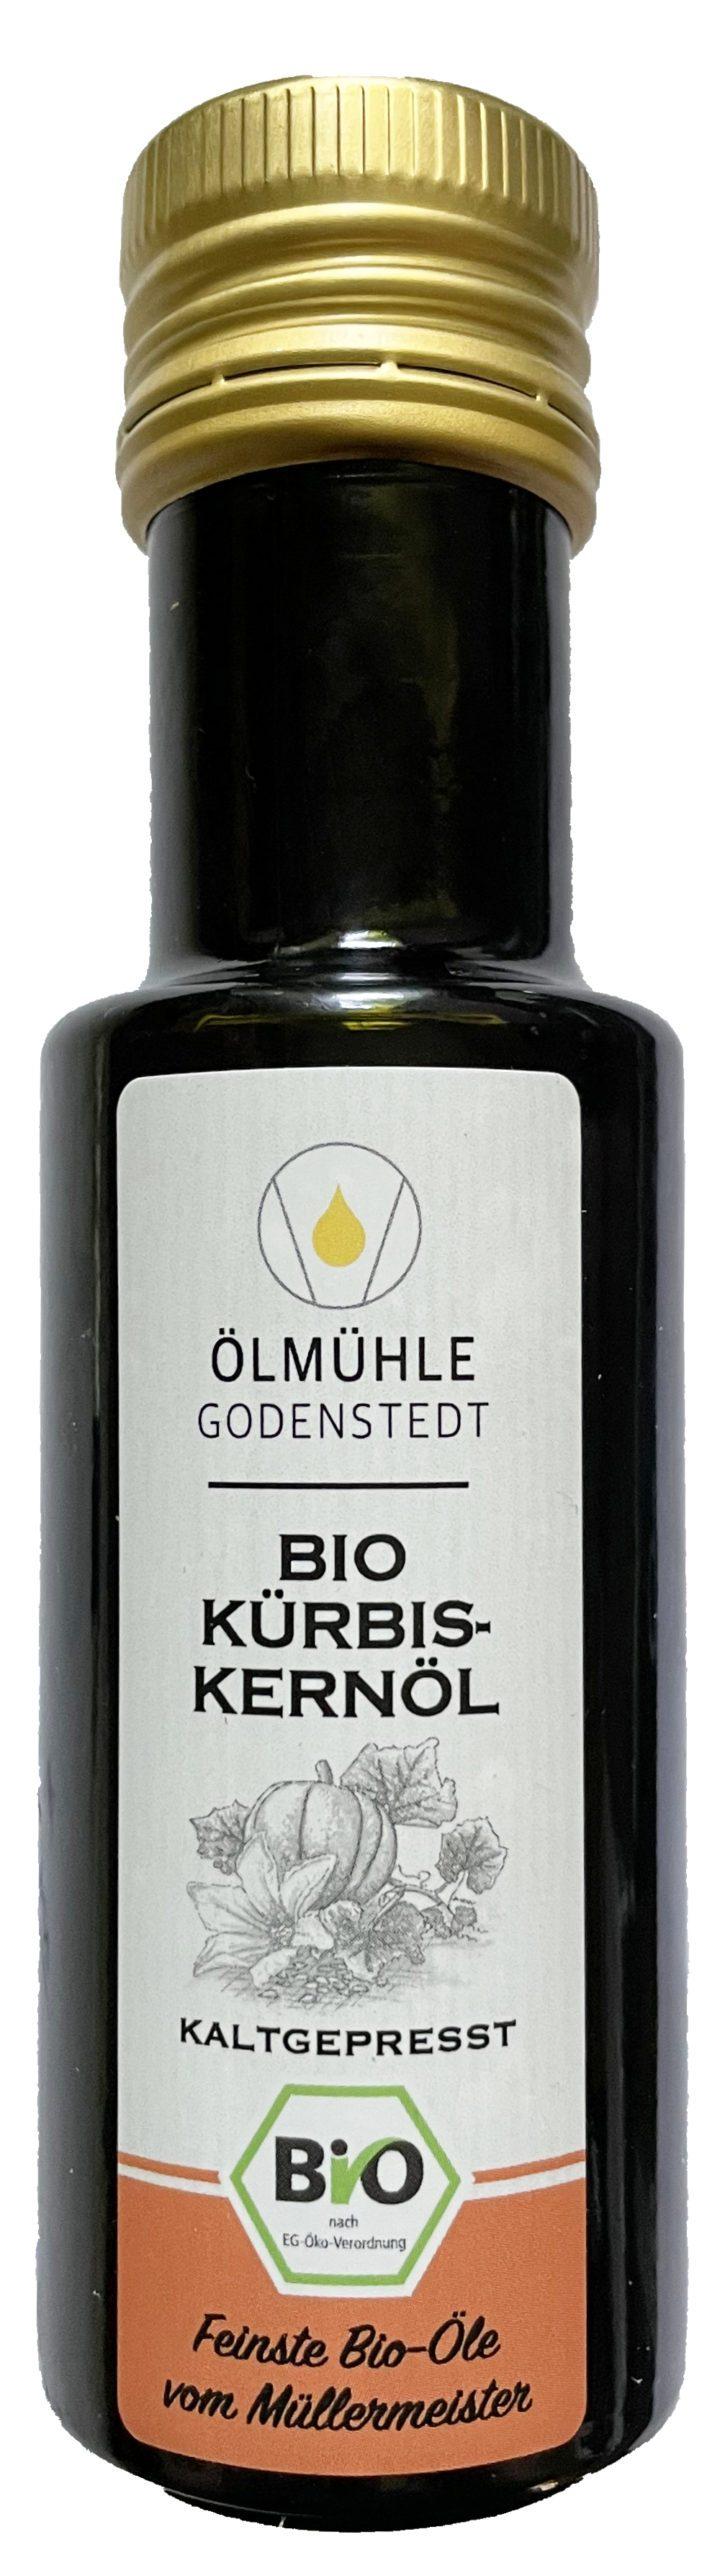 Bio Kürbiskernöl kaltgepresst in Deutschland